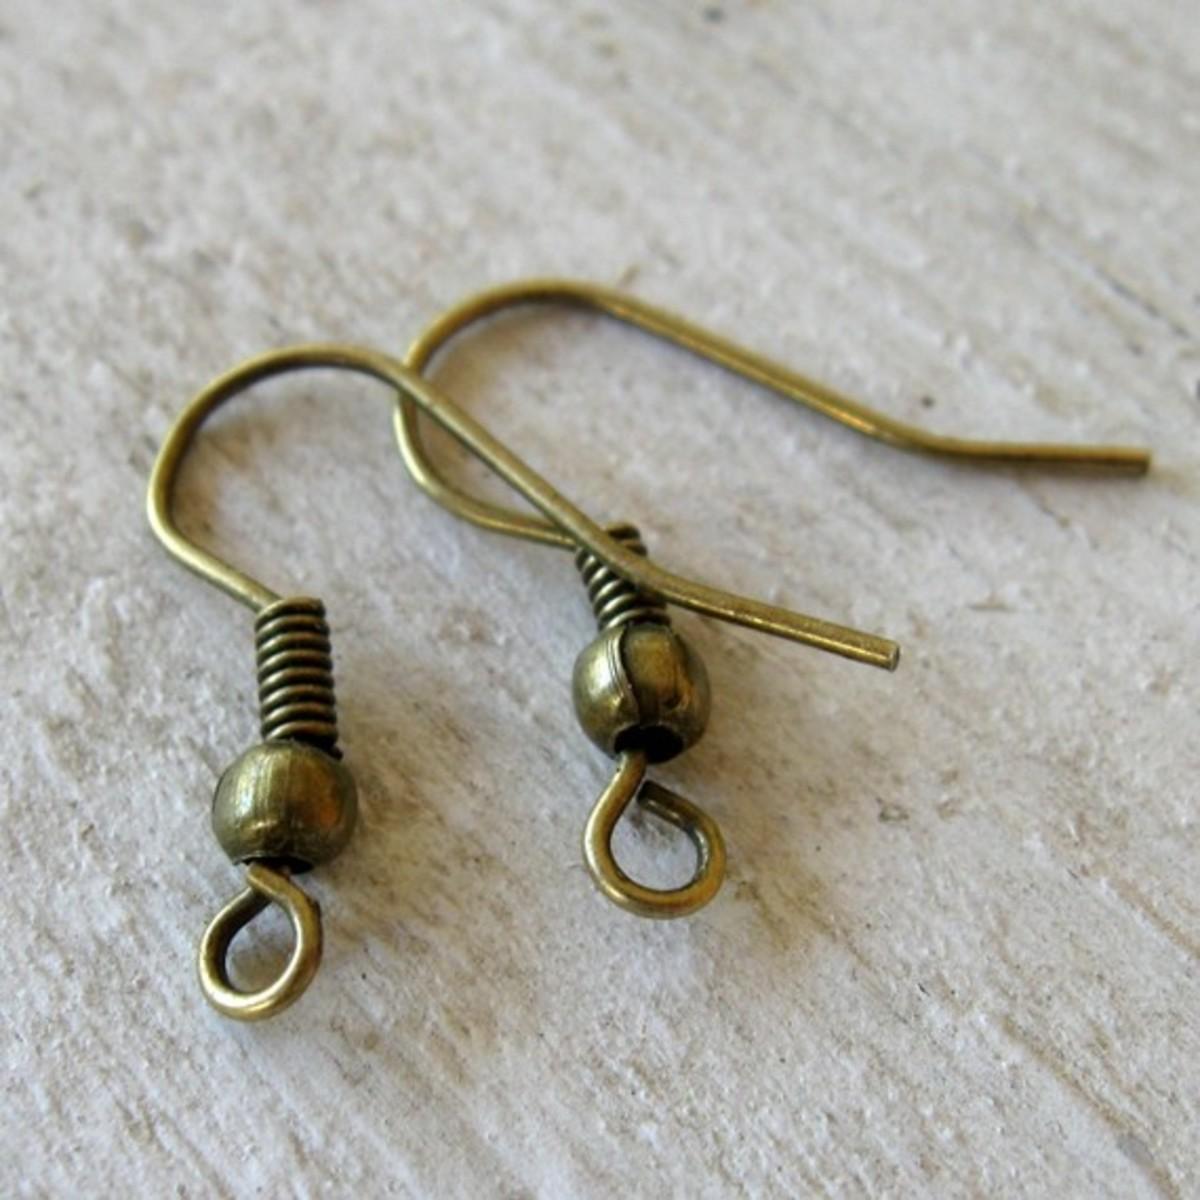 Vintage style earring hooks for pierced ears